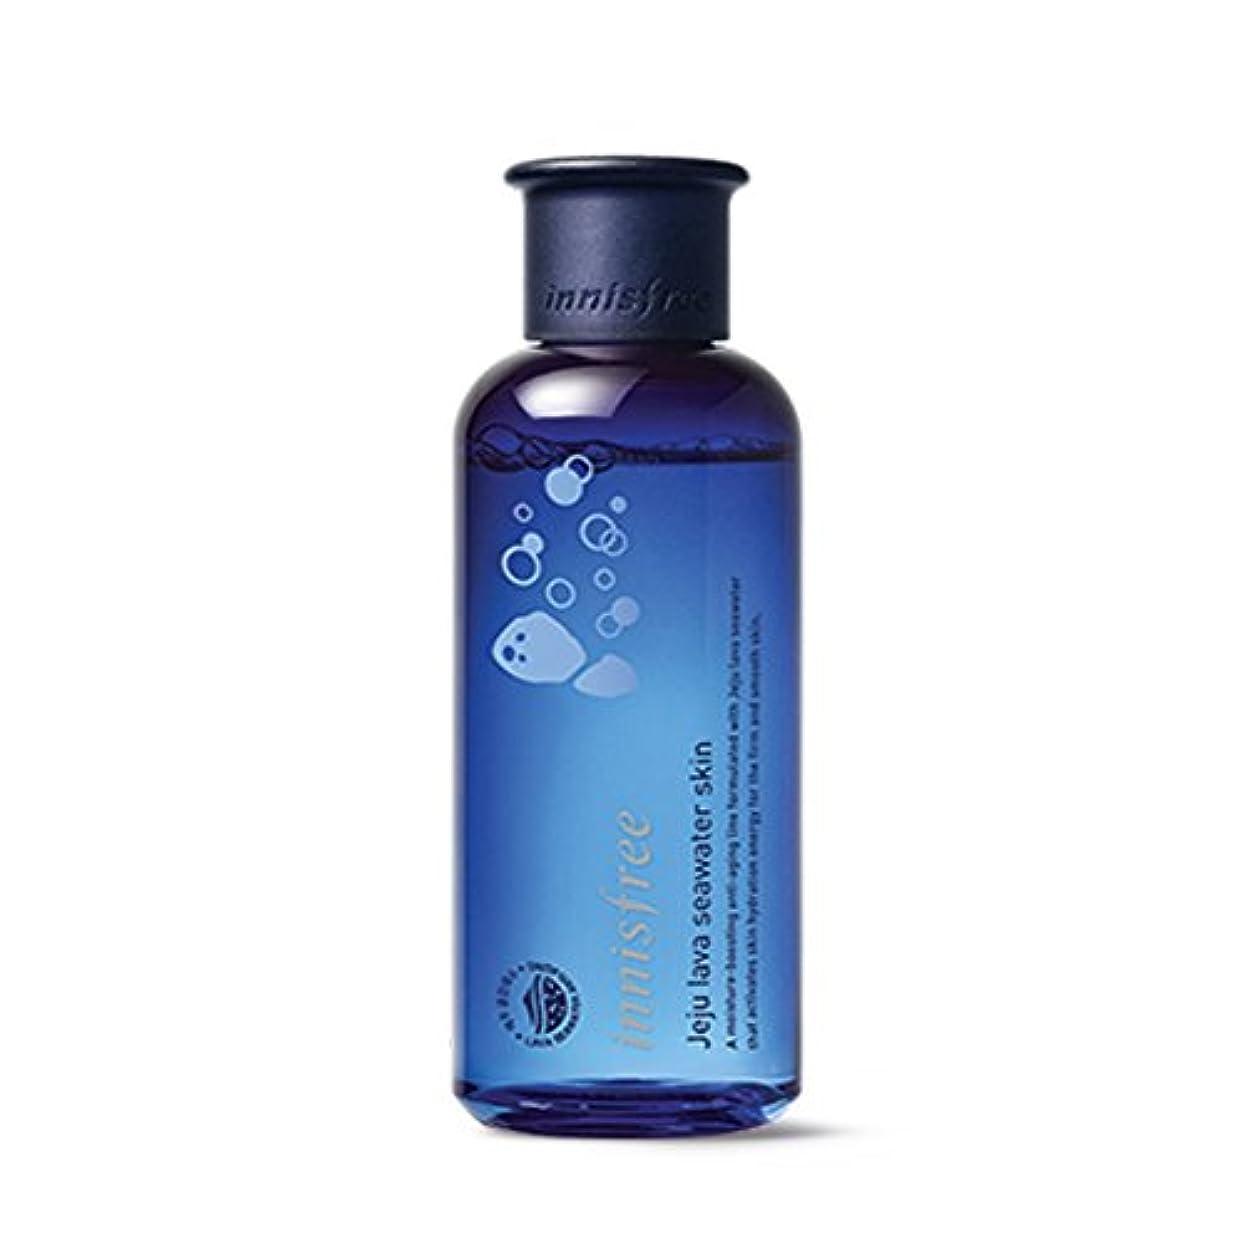 読みやすい読みやすいしないでくださいイニスフリージェジュラブシーウォータースキン(トナー)200ml Innisfree Jeju Lava Seawater Skin(Toner) 200ml [外直送品][並行輸入品]